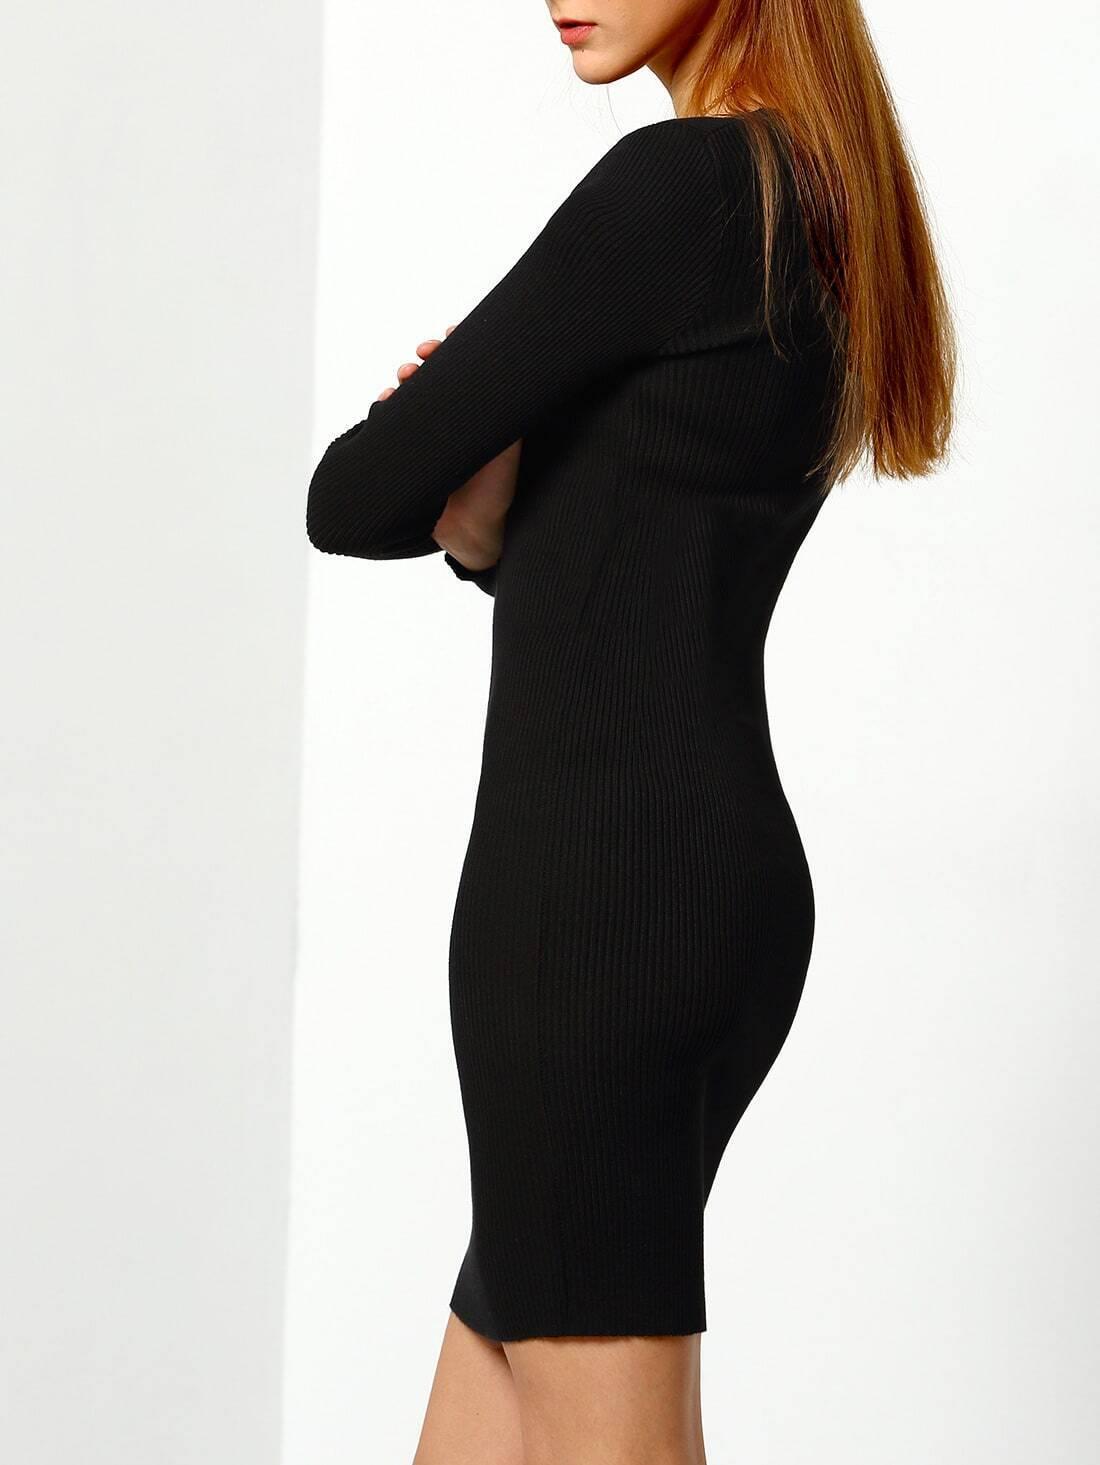 strickkleid langarm mit v ausschnitt schwarz german shein sheinside. Black Bedroom Furniture Sets. Home Design Ideas